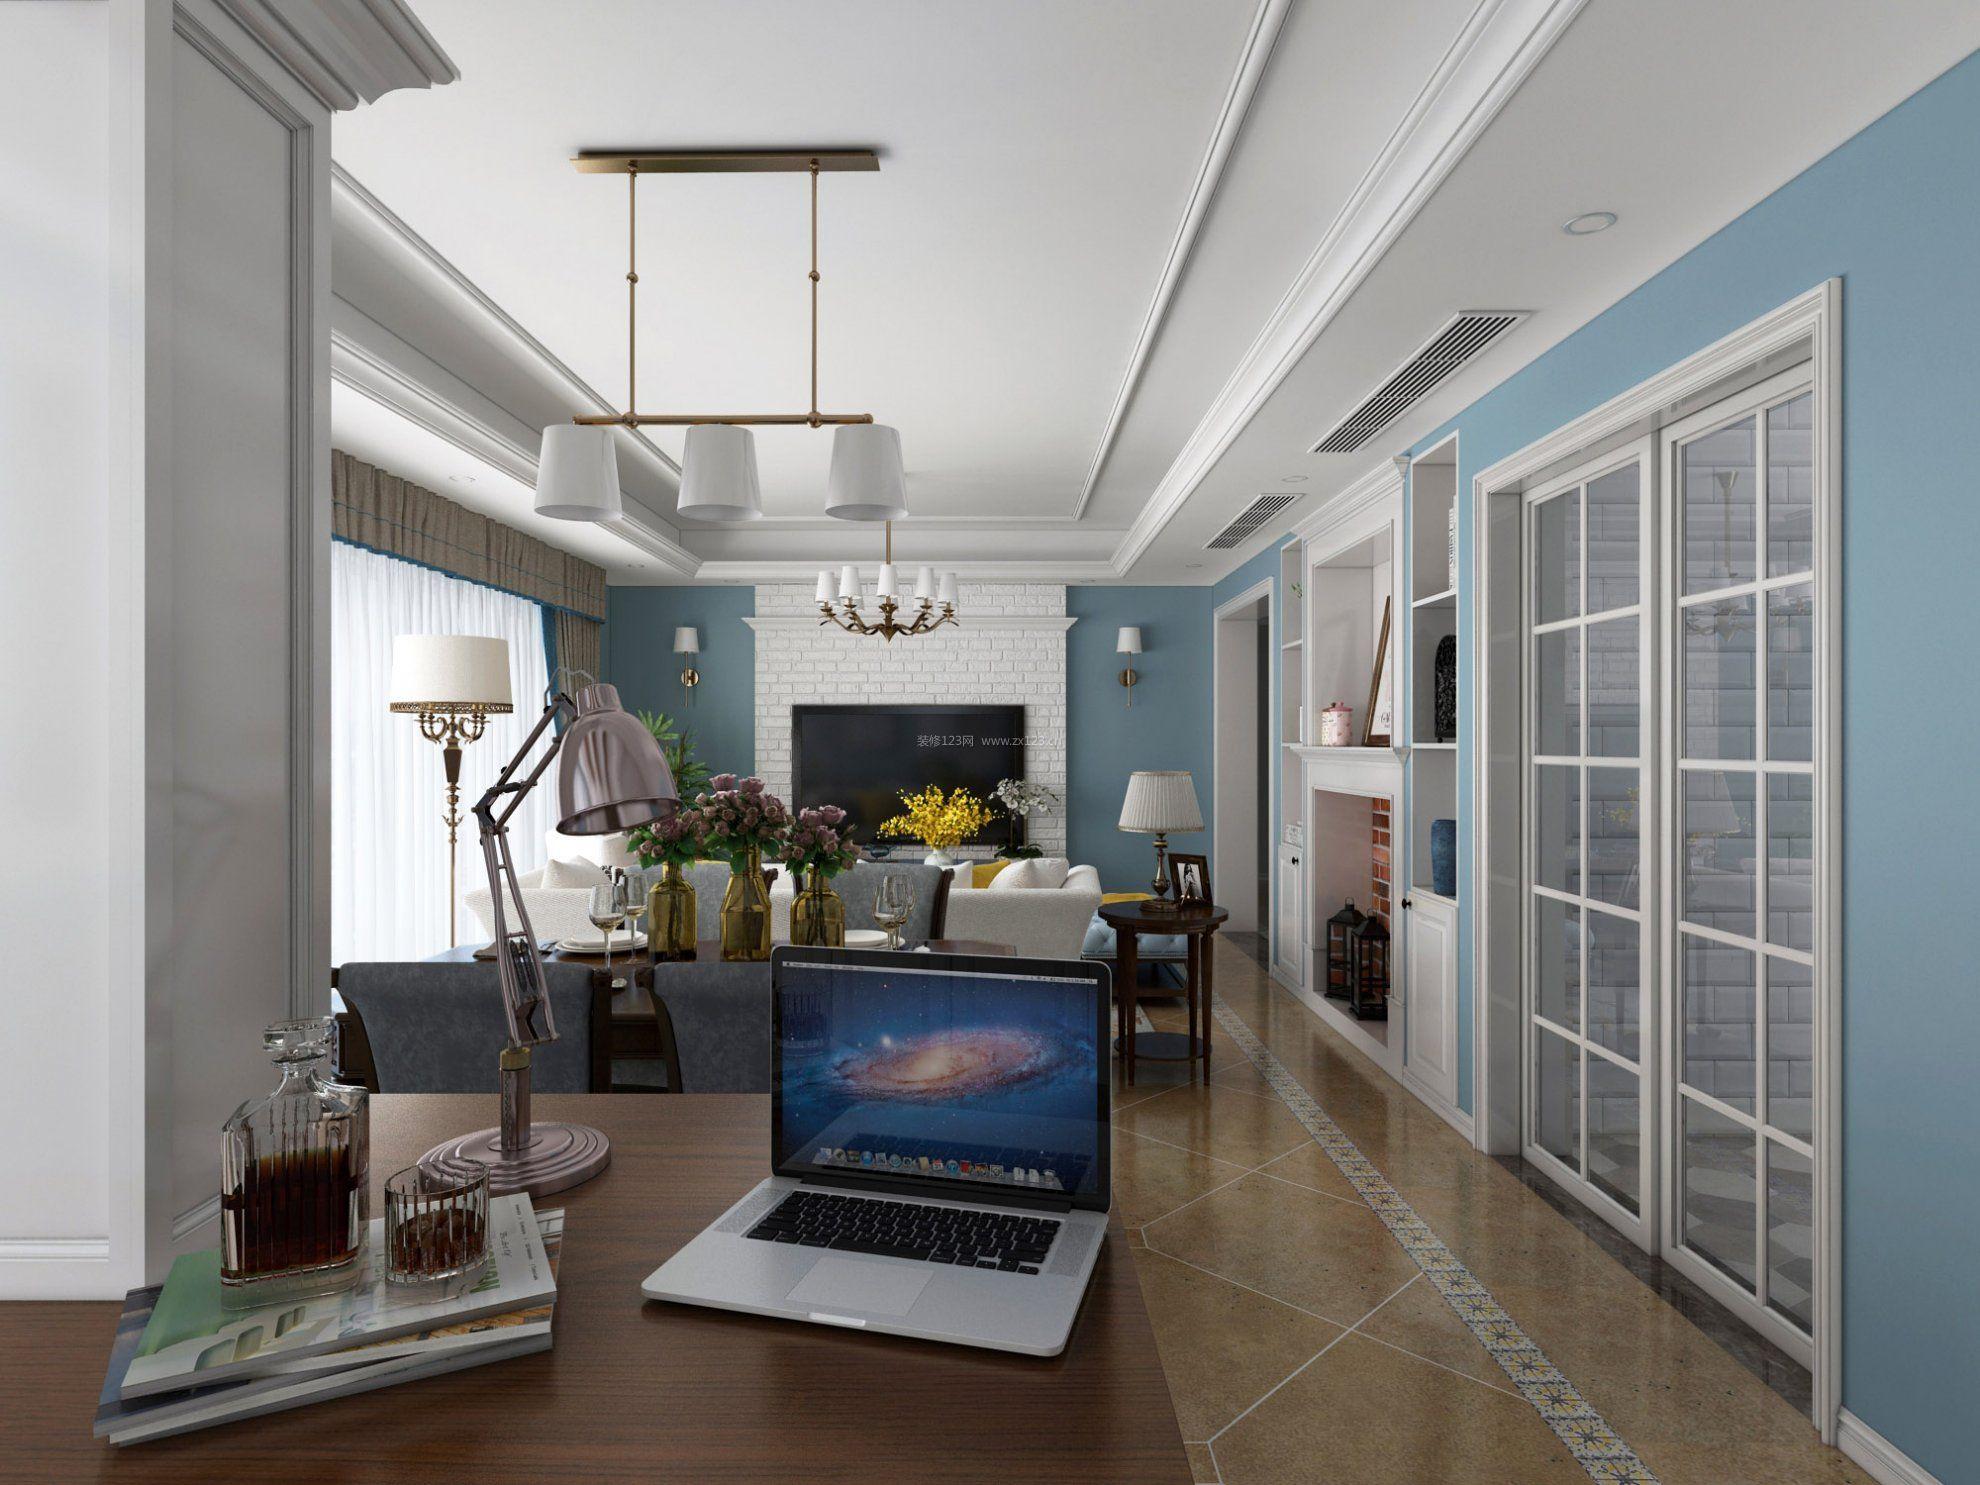 2017美式风格客厅吊顶装饰效果图图片